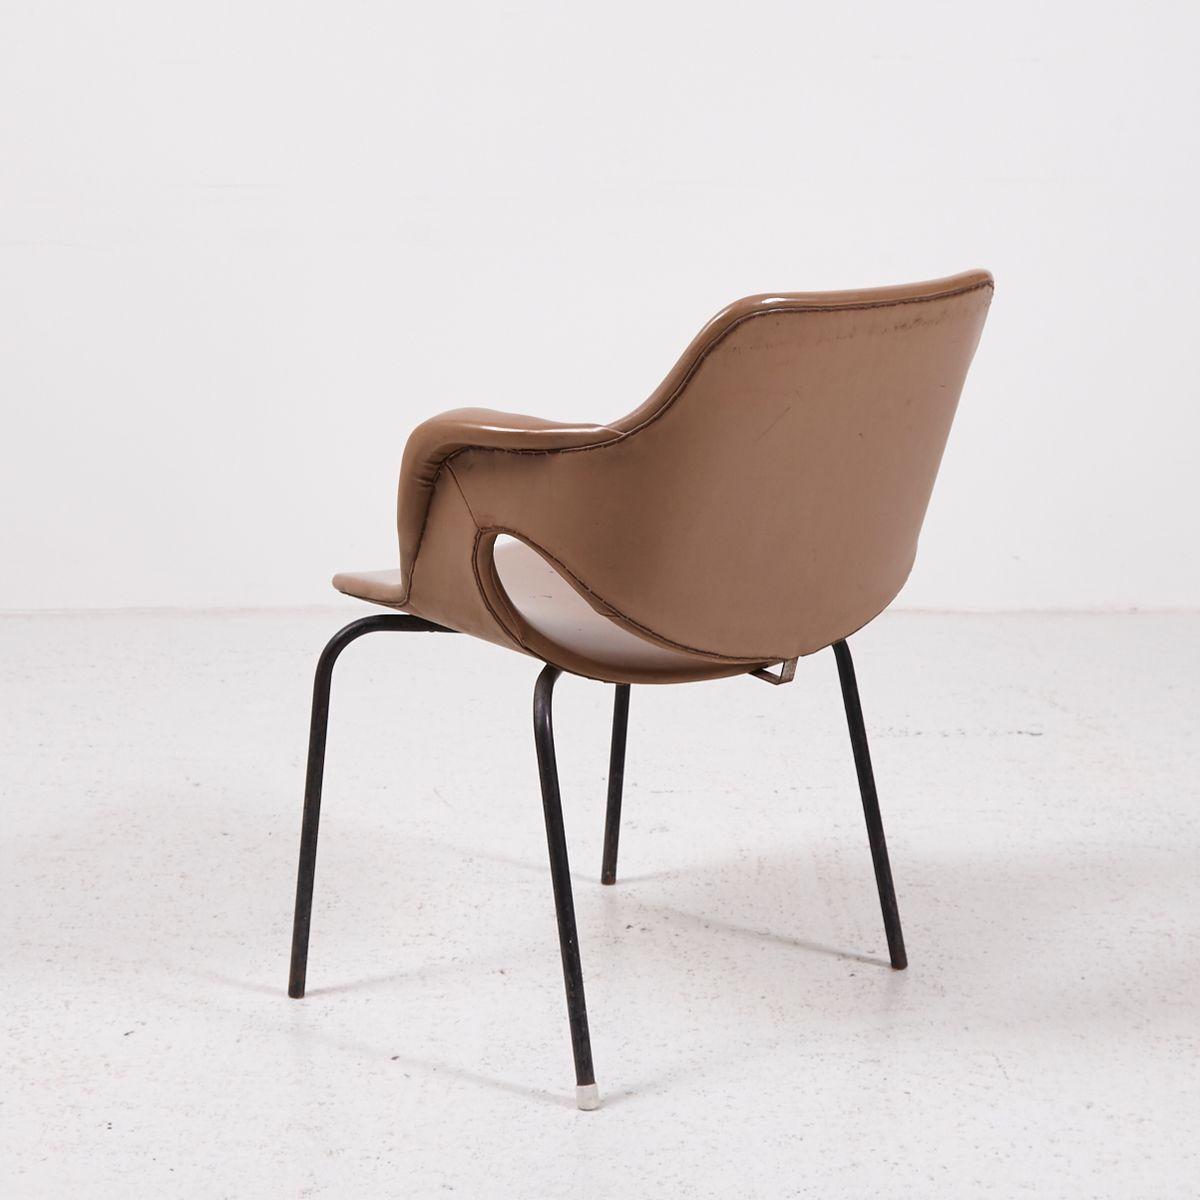 vintage sessel aus kunstleder bei pamono kaufen. Black Bedroom Furniture Sets. Home Design Ideas